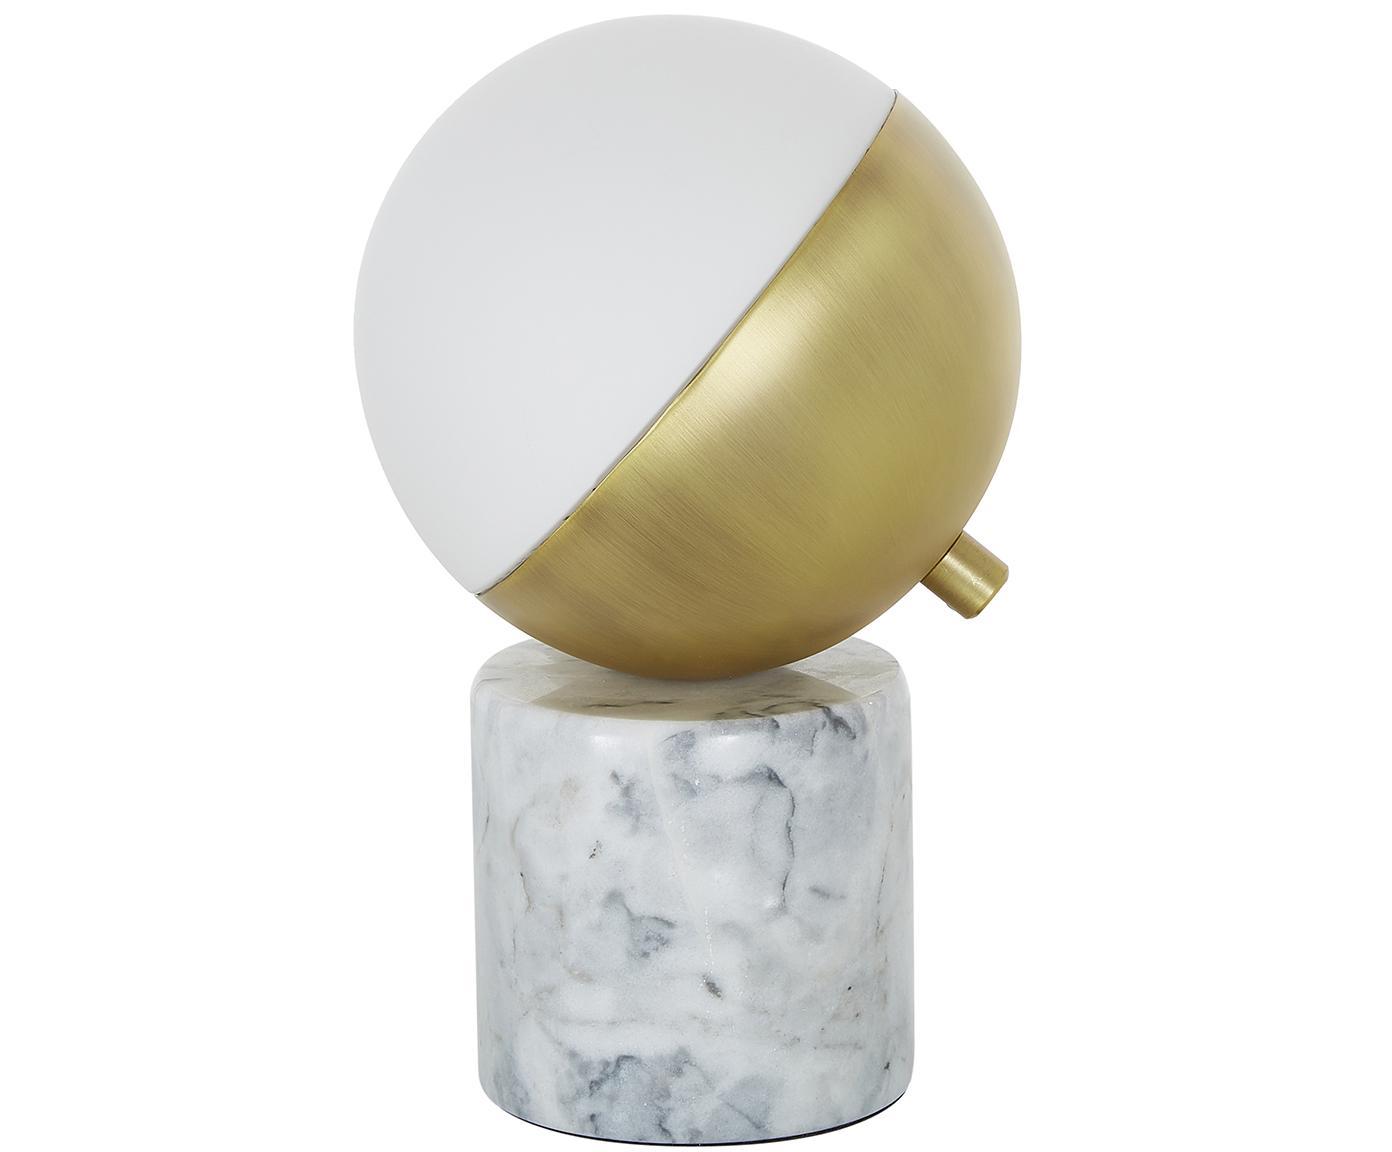 Lampada da tavolo in marmo Svea, Base della lampada: marmo, Paralume: metallo, vetro, Base della lampada: marmo bianco paralume: bianco, dorato, Ø 15 x Alt. 25 cm